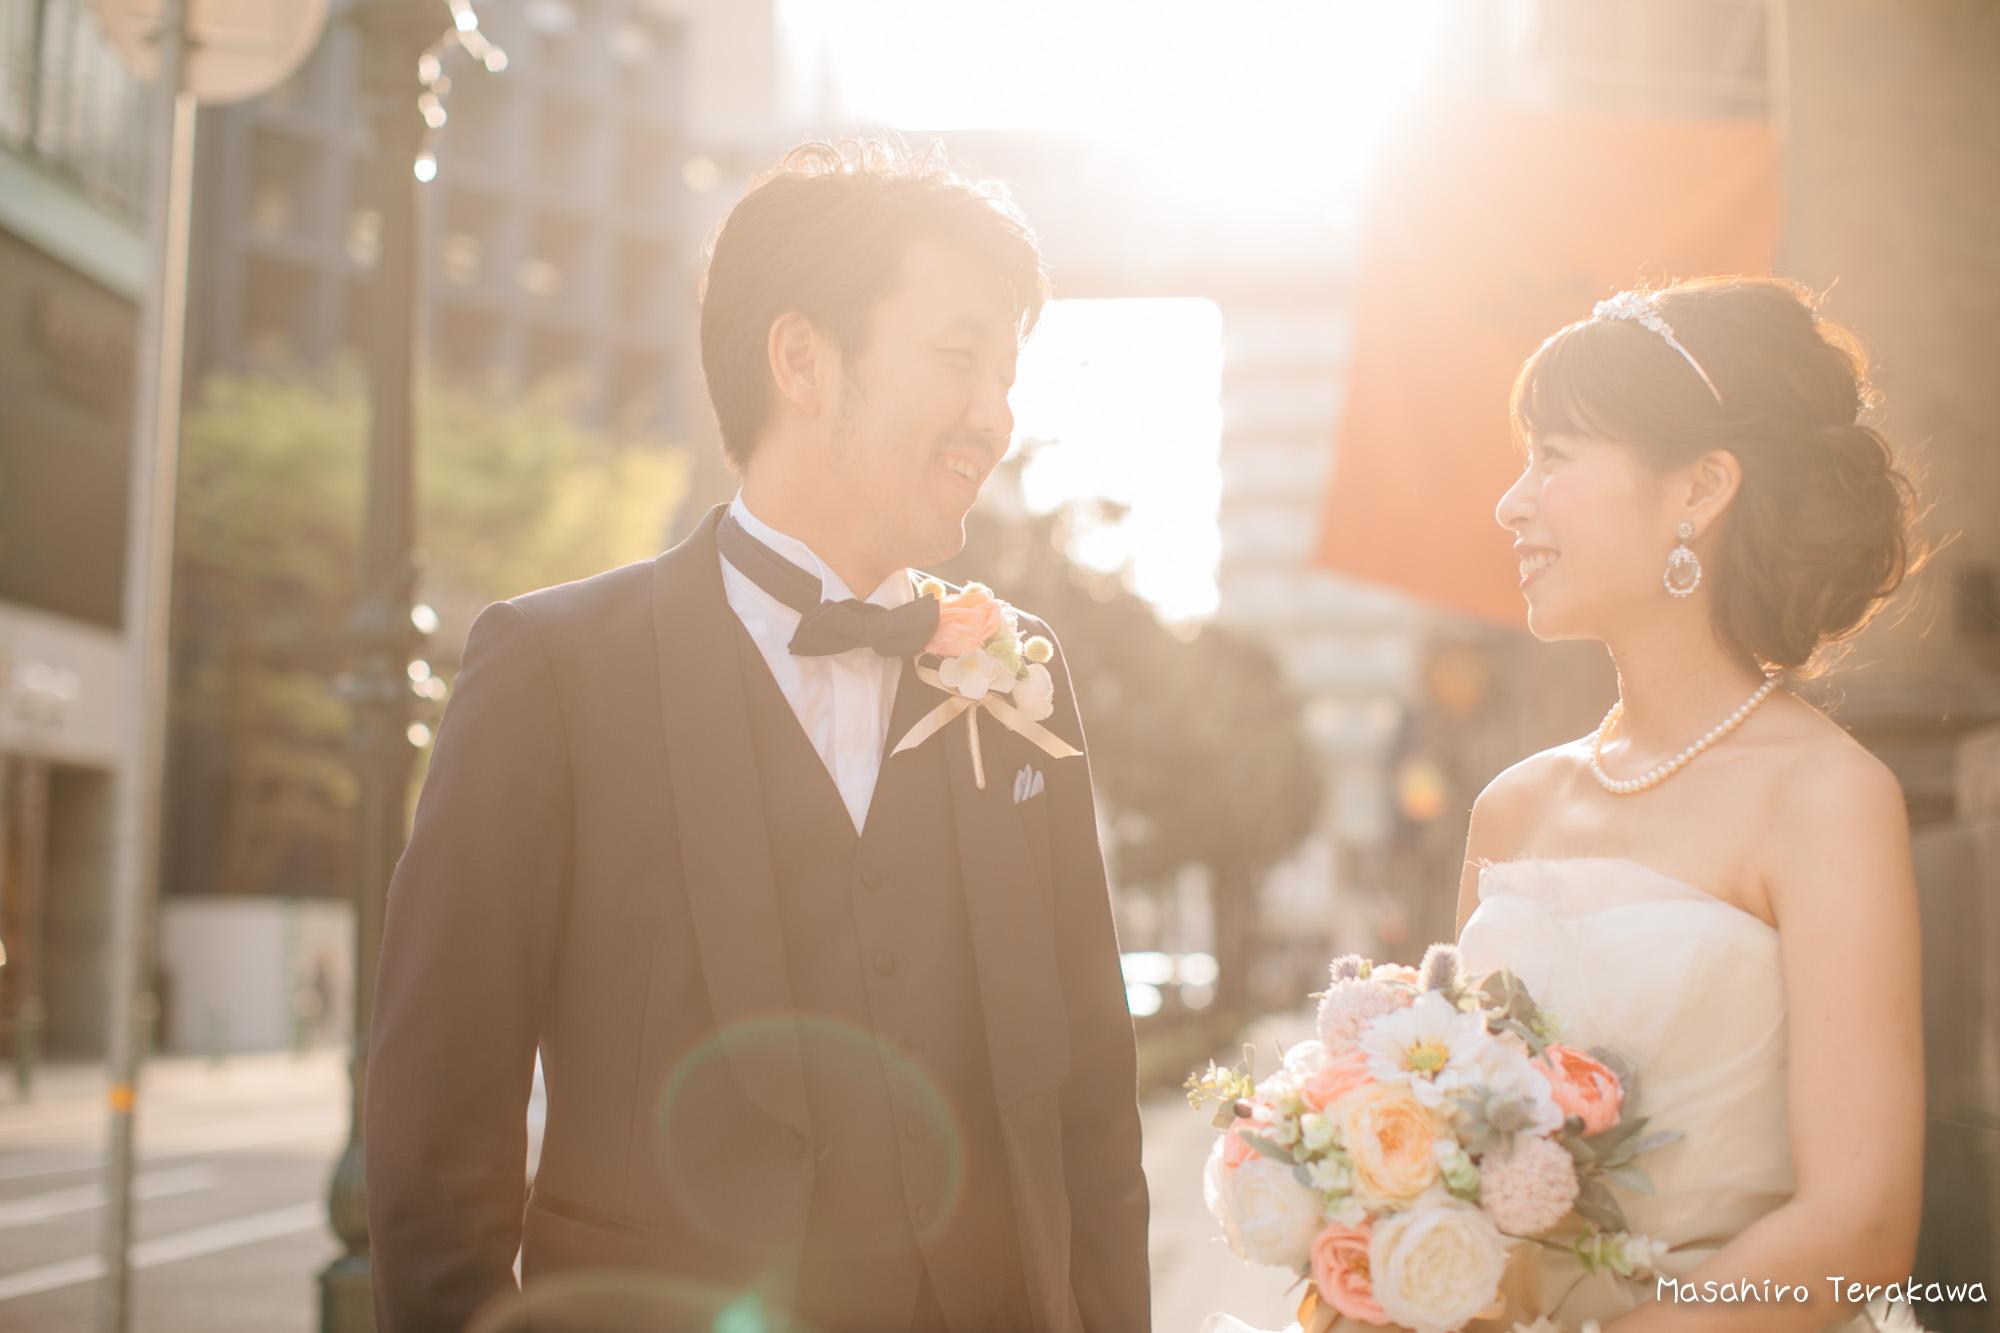 トリートドレッシングのウェディングドレスで結婚式前撮り9